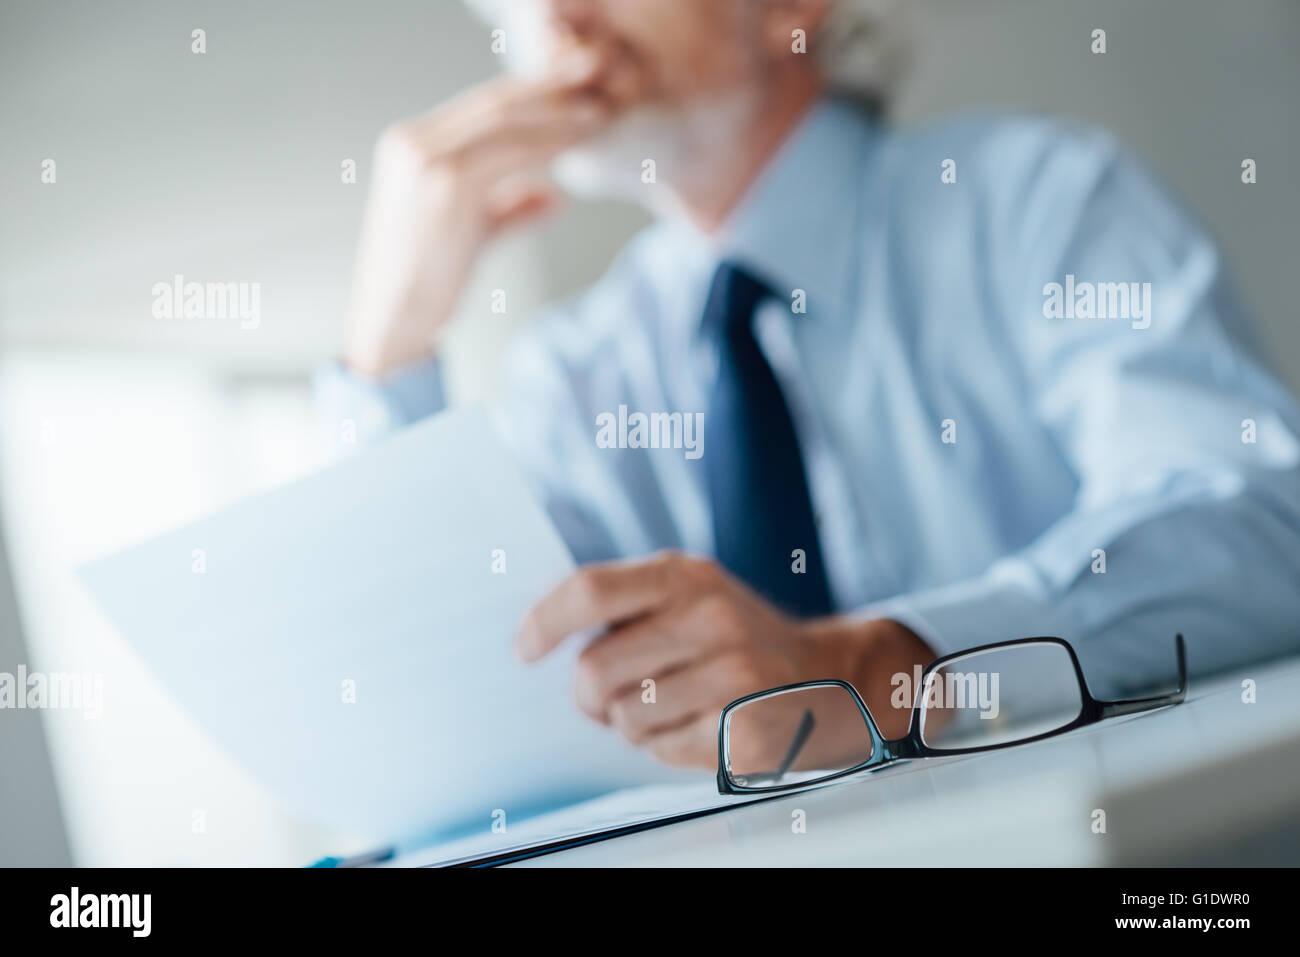 Empresario pensativa con la mano en el mentón y mirar hacia la celebración de un documento, el enfoque Imagen De Stock